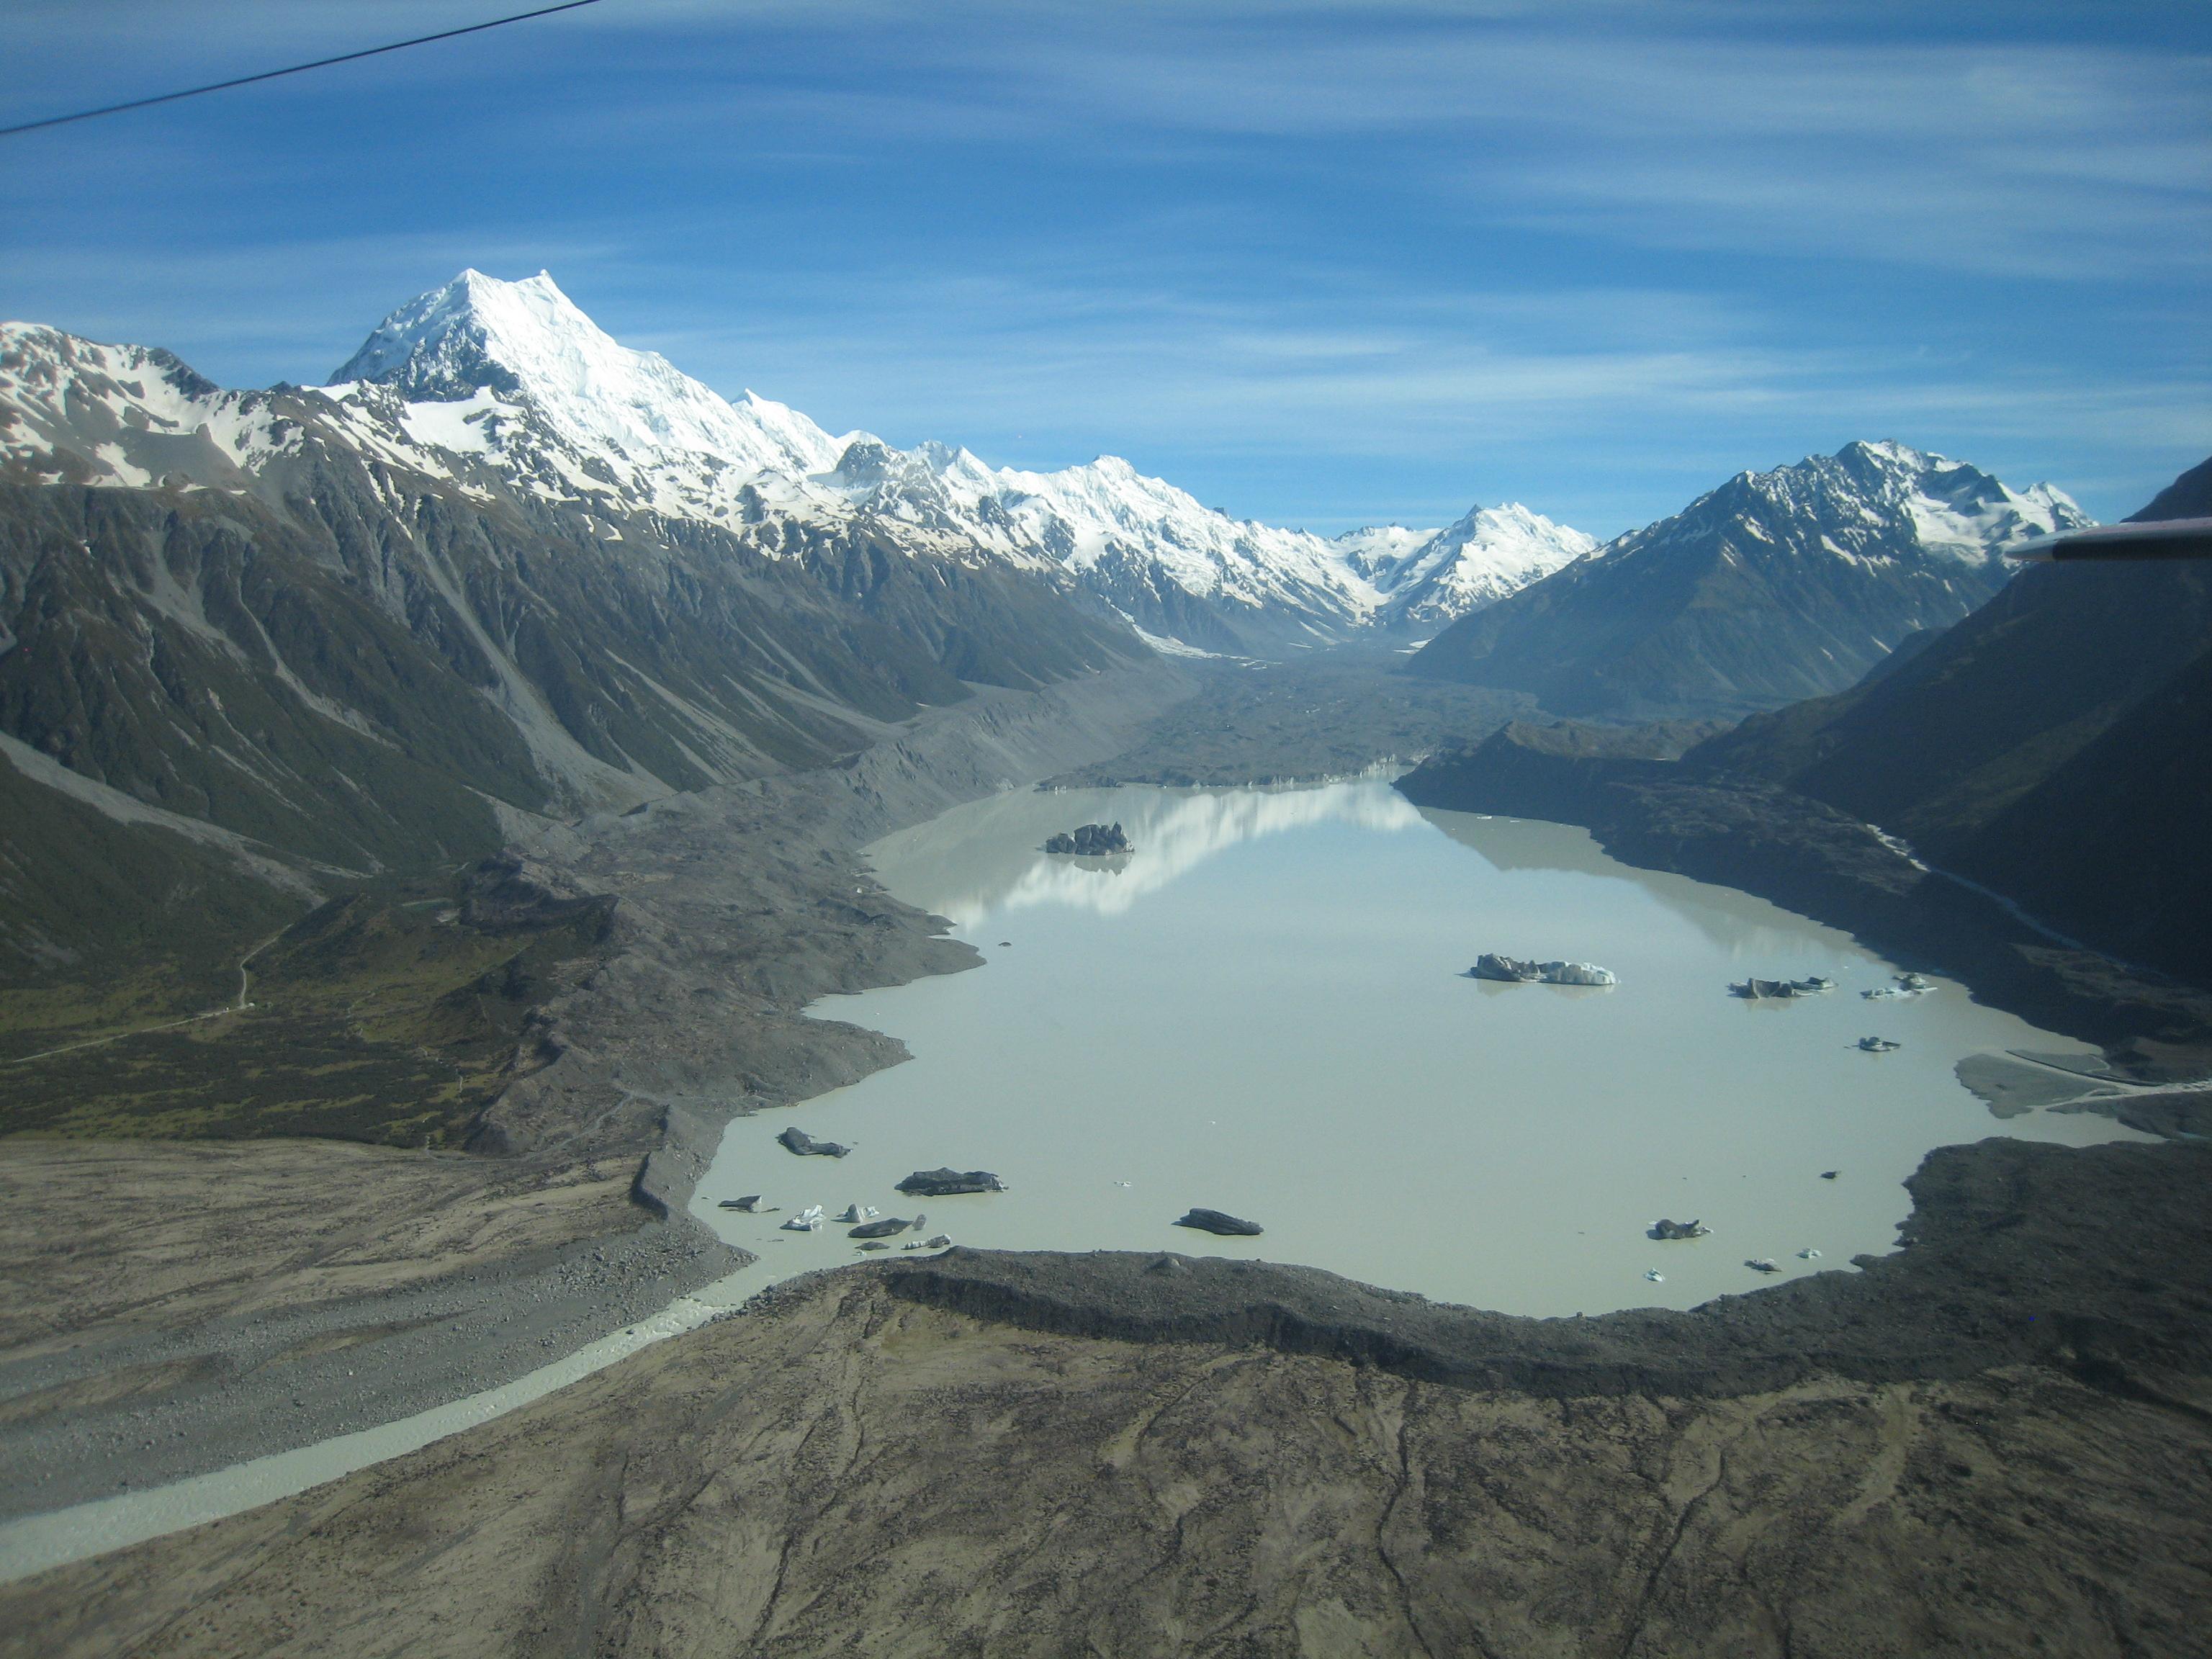 Фотография озера Тасман и горы Кук (2009)